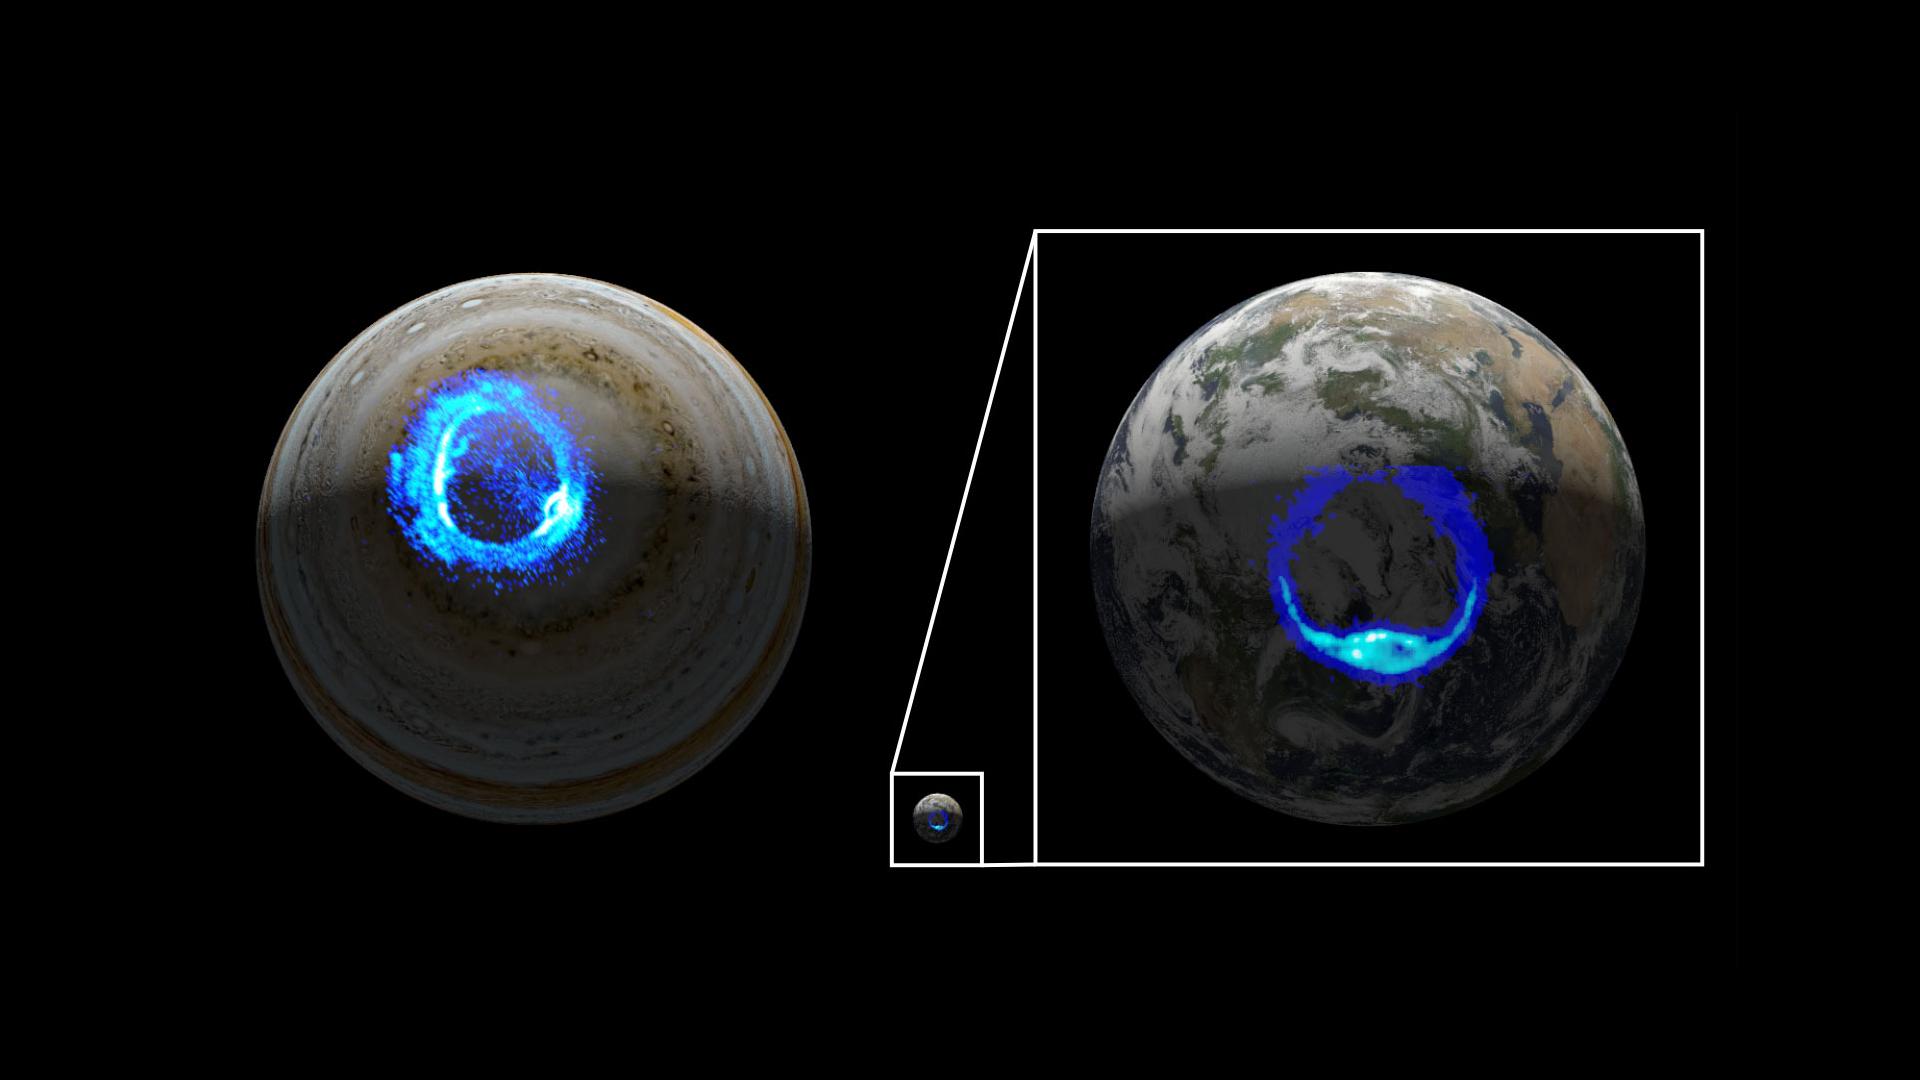 Les illustrations comparent les aurores polaires ultraviolettes sur Jupiter (à gauche) et sur la Terre (à droite, mises à l'échelle 10 fois), montrant les similitudes entre les deux types d'éclairages.